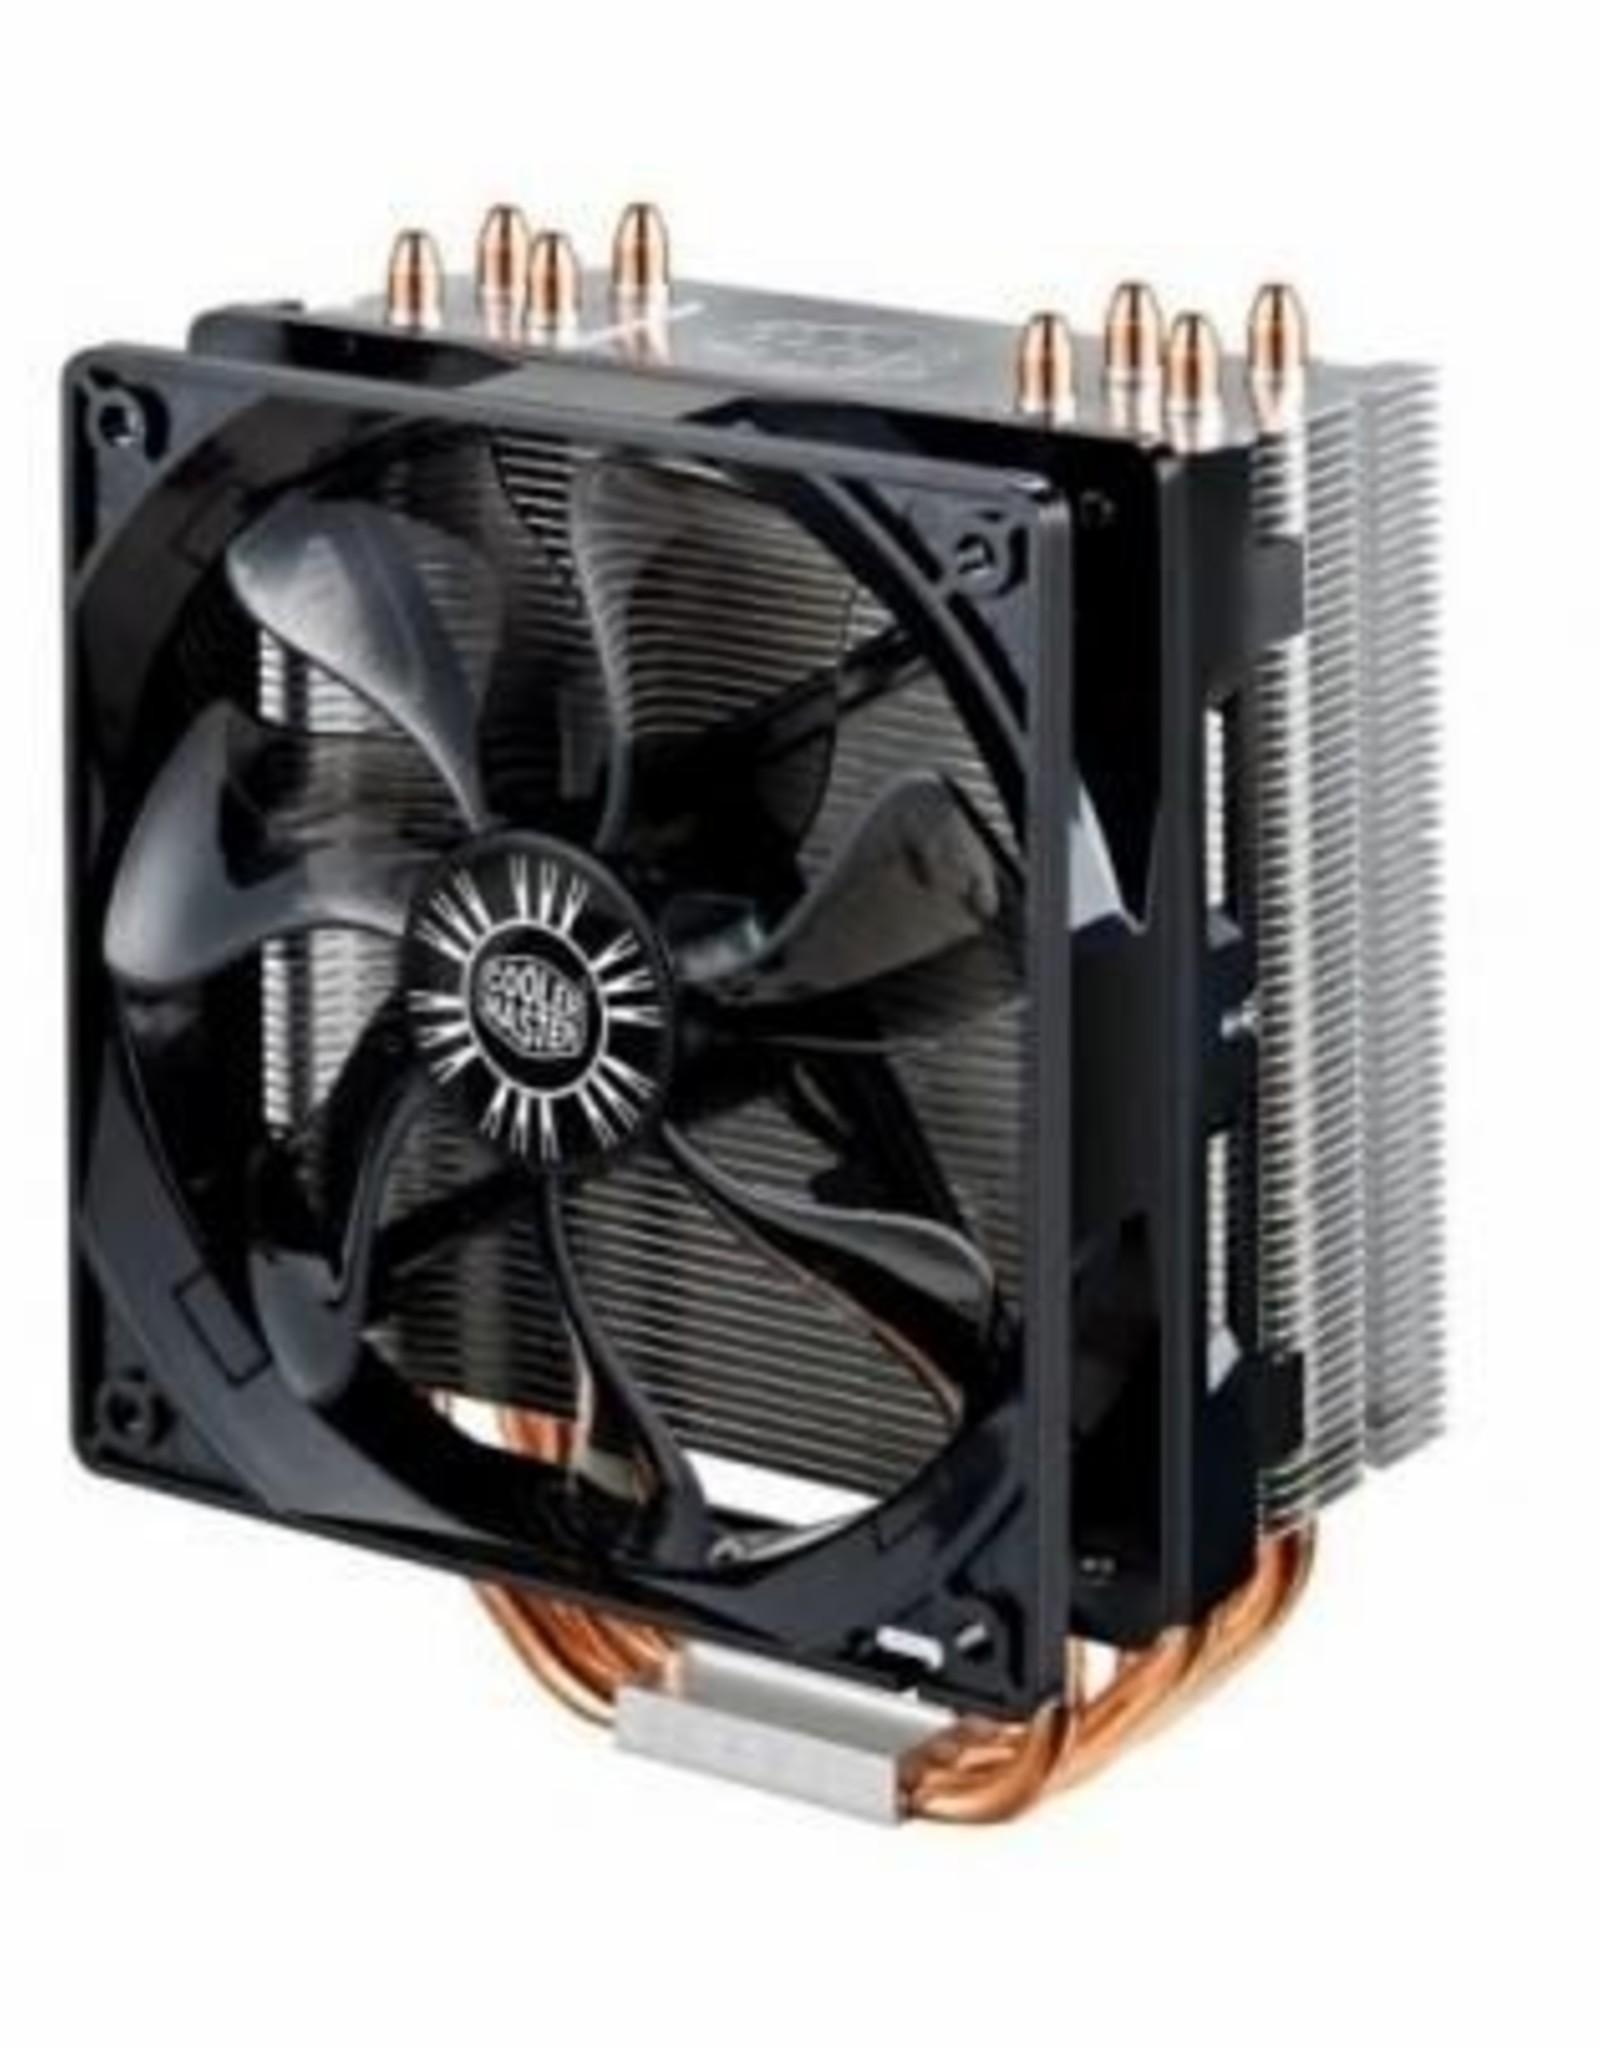 Cooler Master Cooler Master Hyper 212 EVO